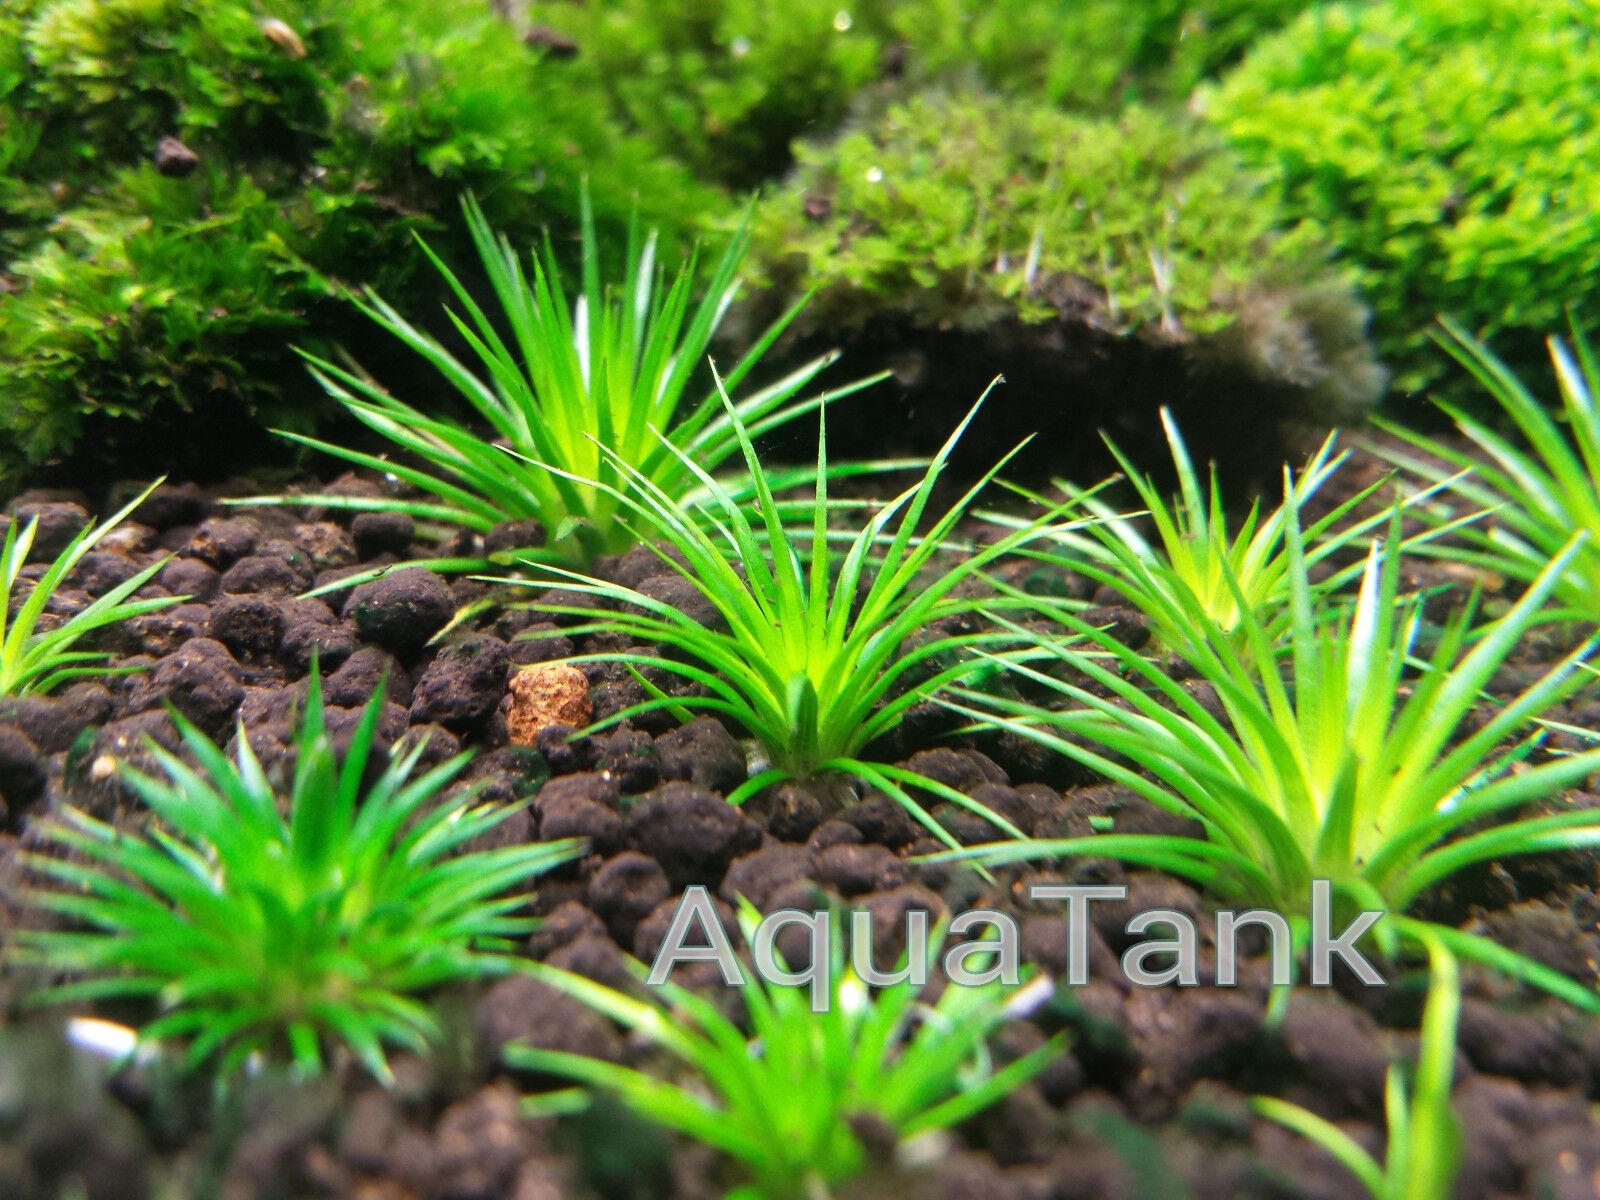 Eriocaulon seeds 16 species     Live Aquatic Aquarium Plants